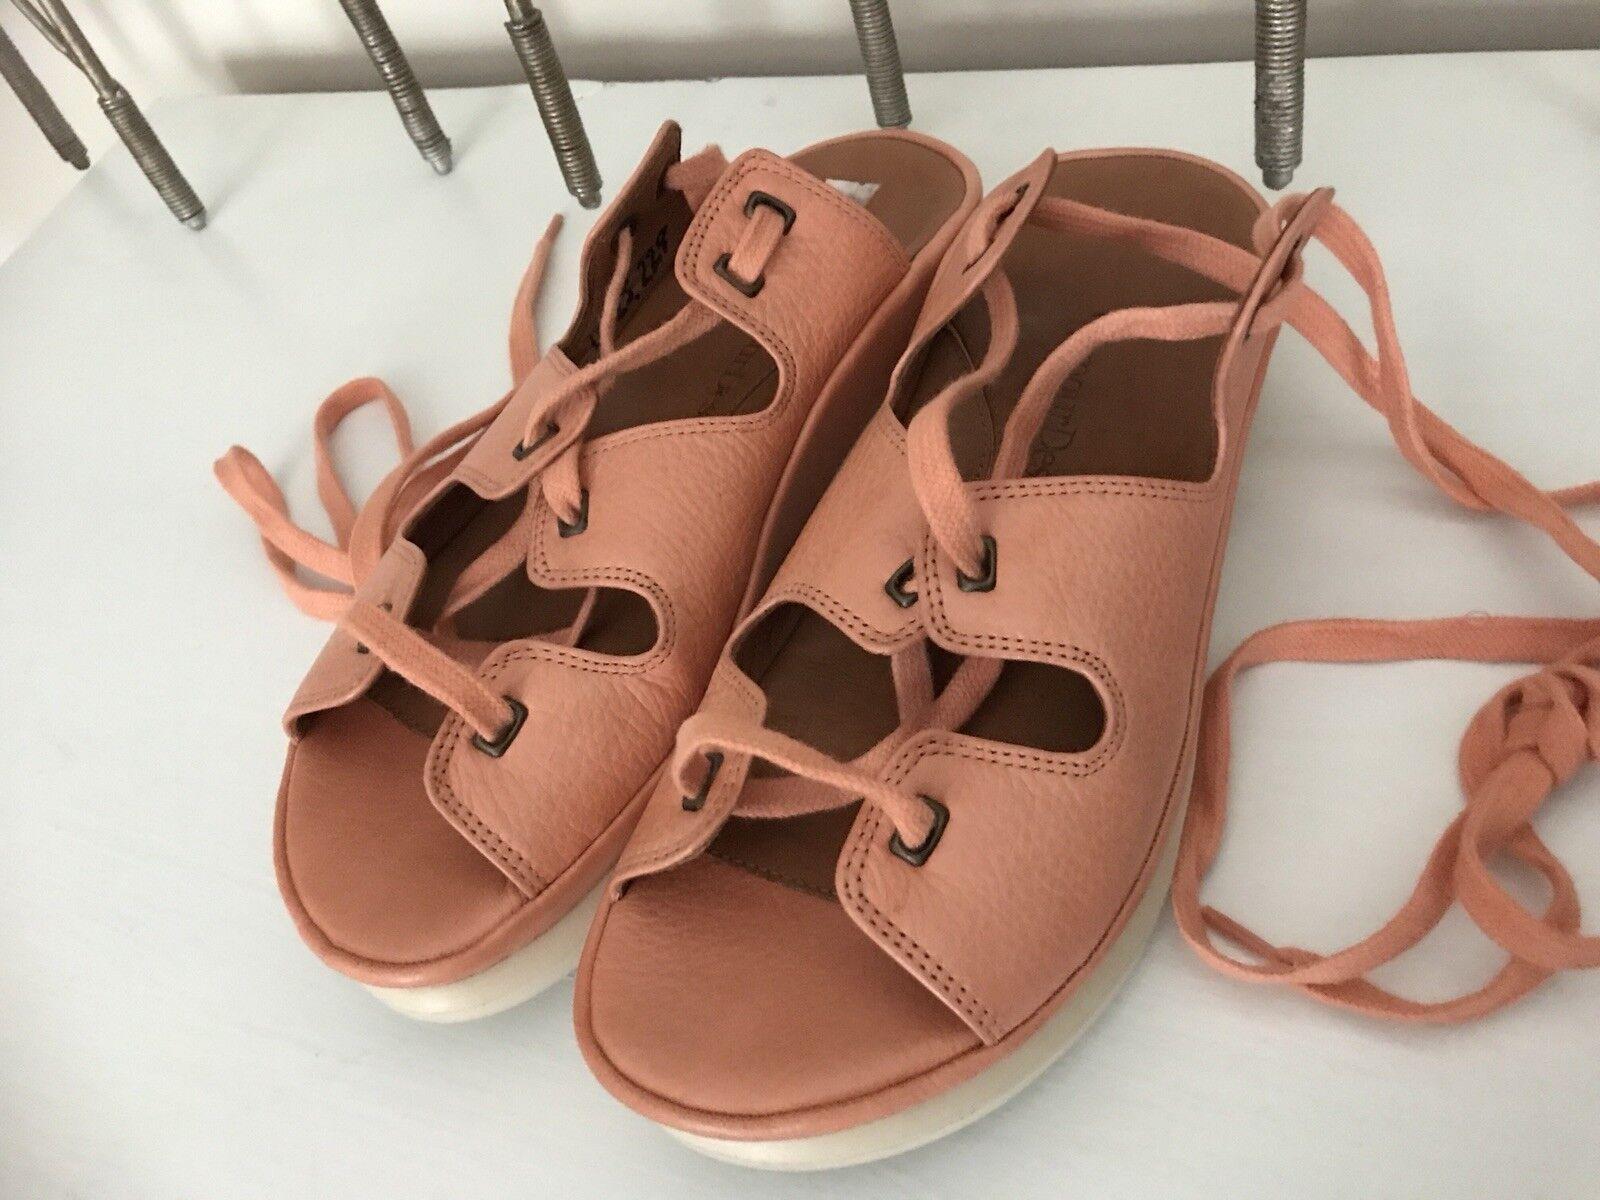 7 amour des pieds Ghillie LACED Gladiateur Style saumon Sandales en cuir